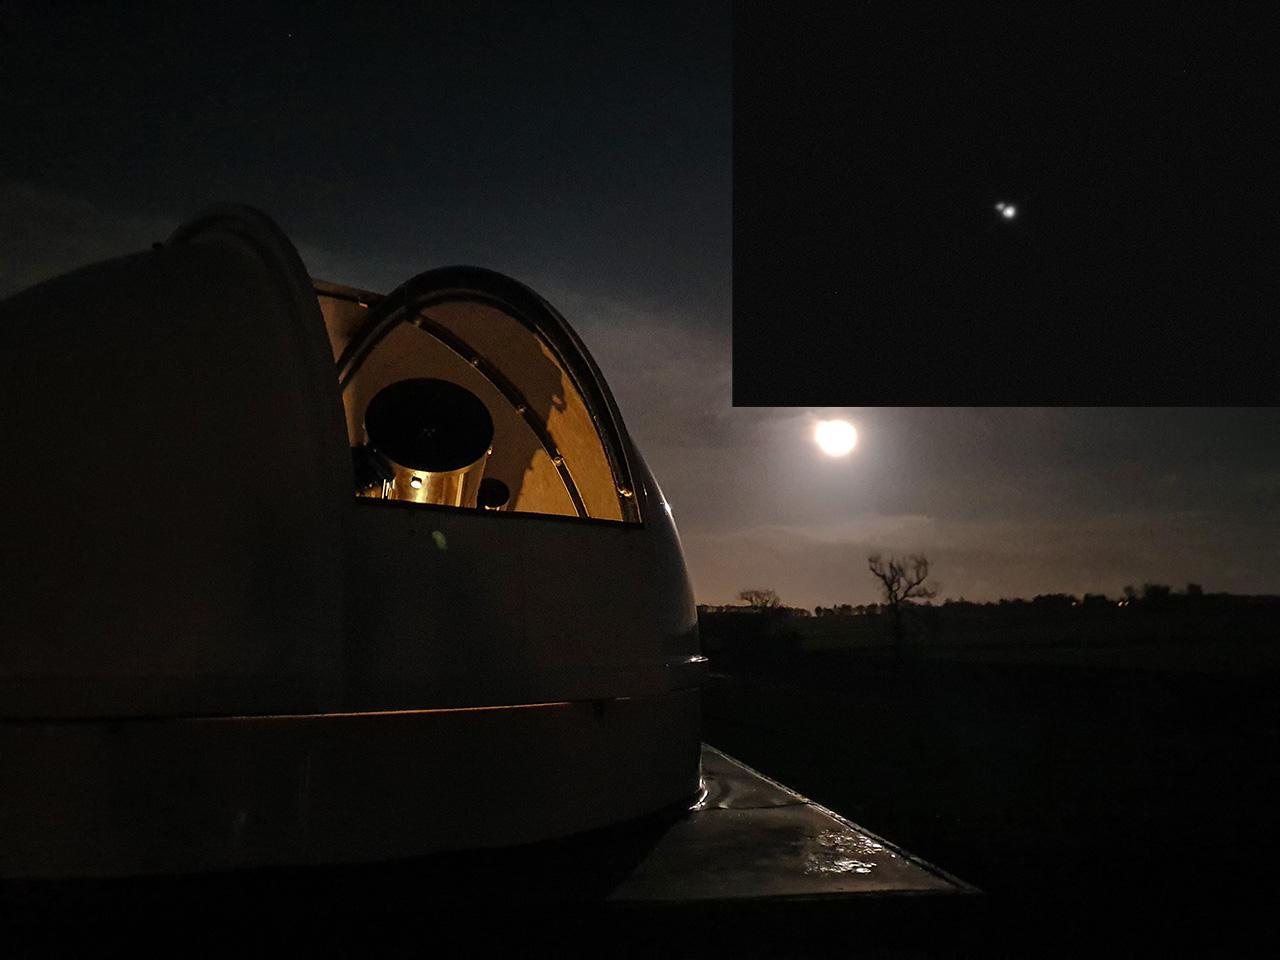 Vesta occultation of HIP 14439